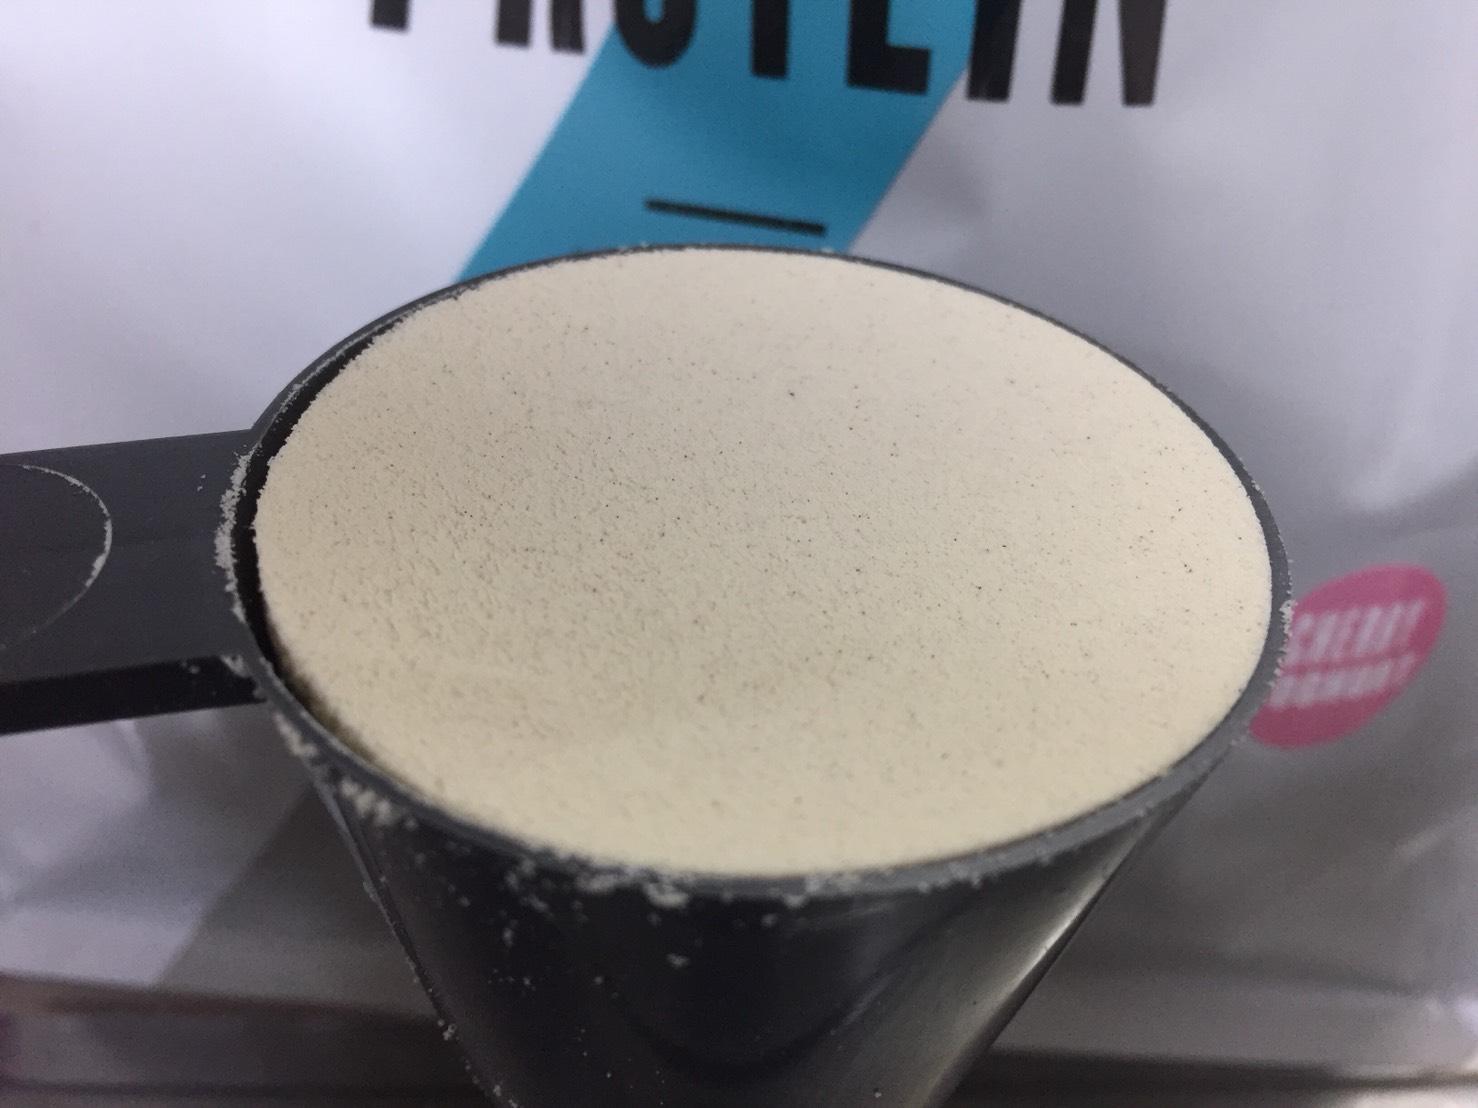 【WPC】Impactホエイプロテイン「チェリーヨーグルト味」の粉末の様子